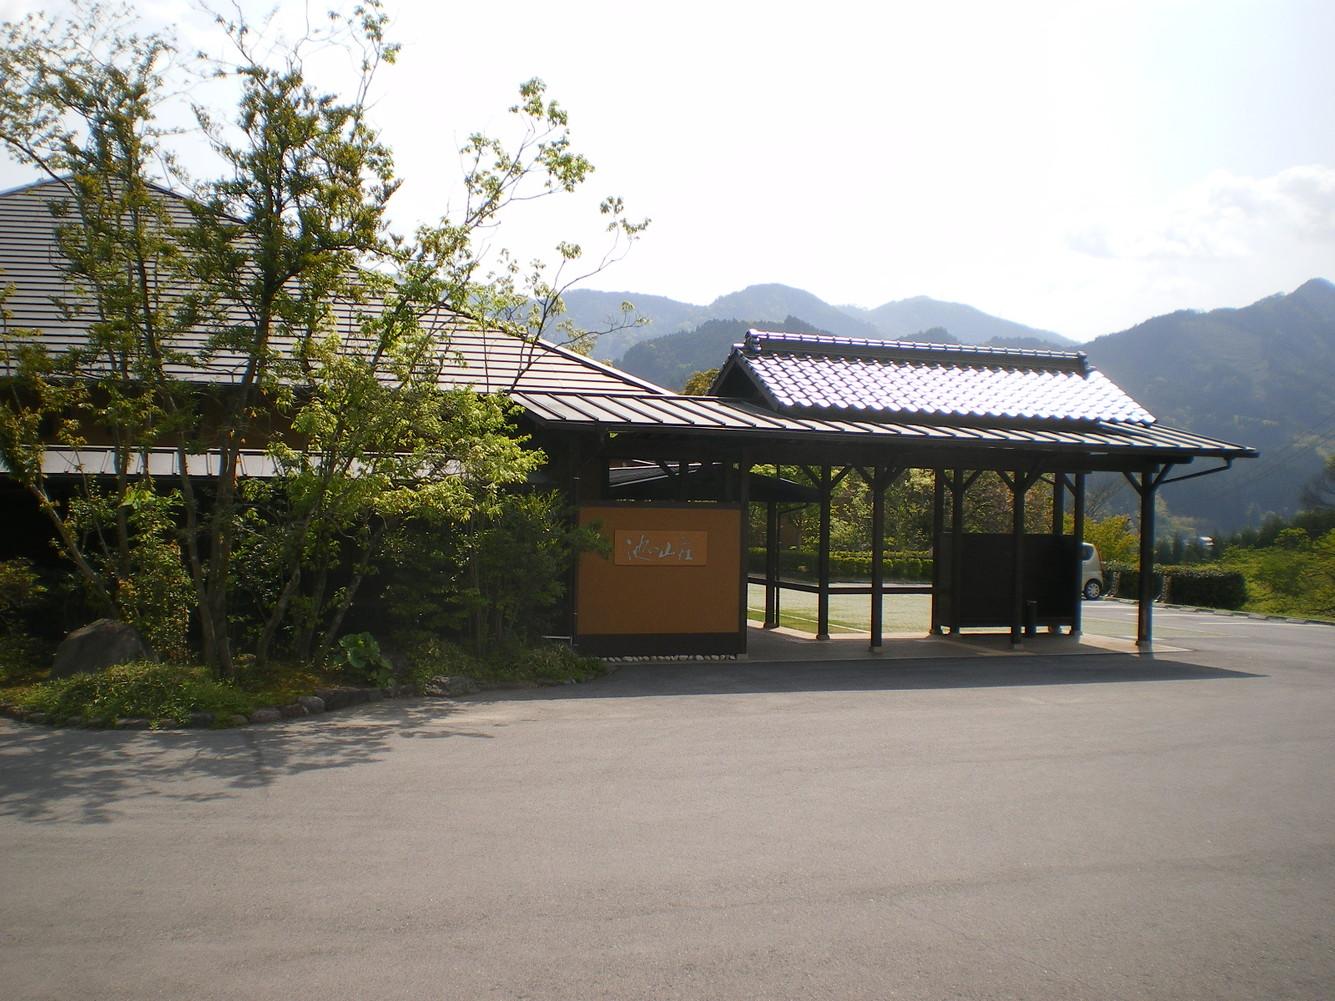 星野温泉 池の山荘